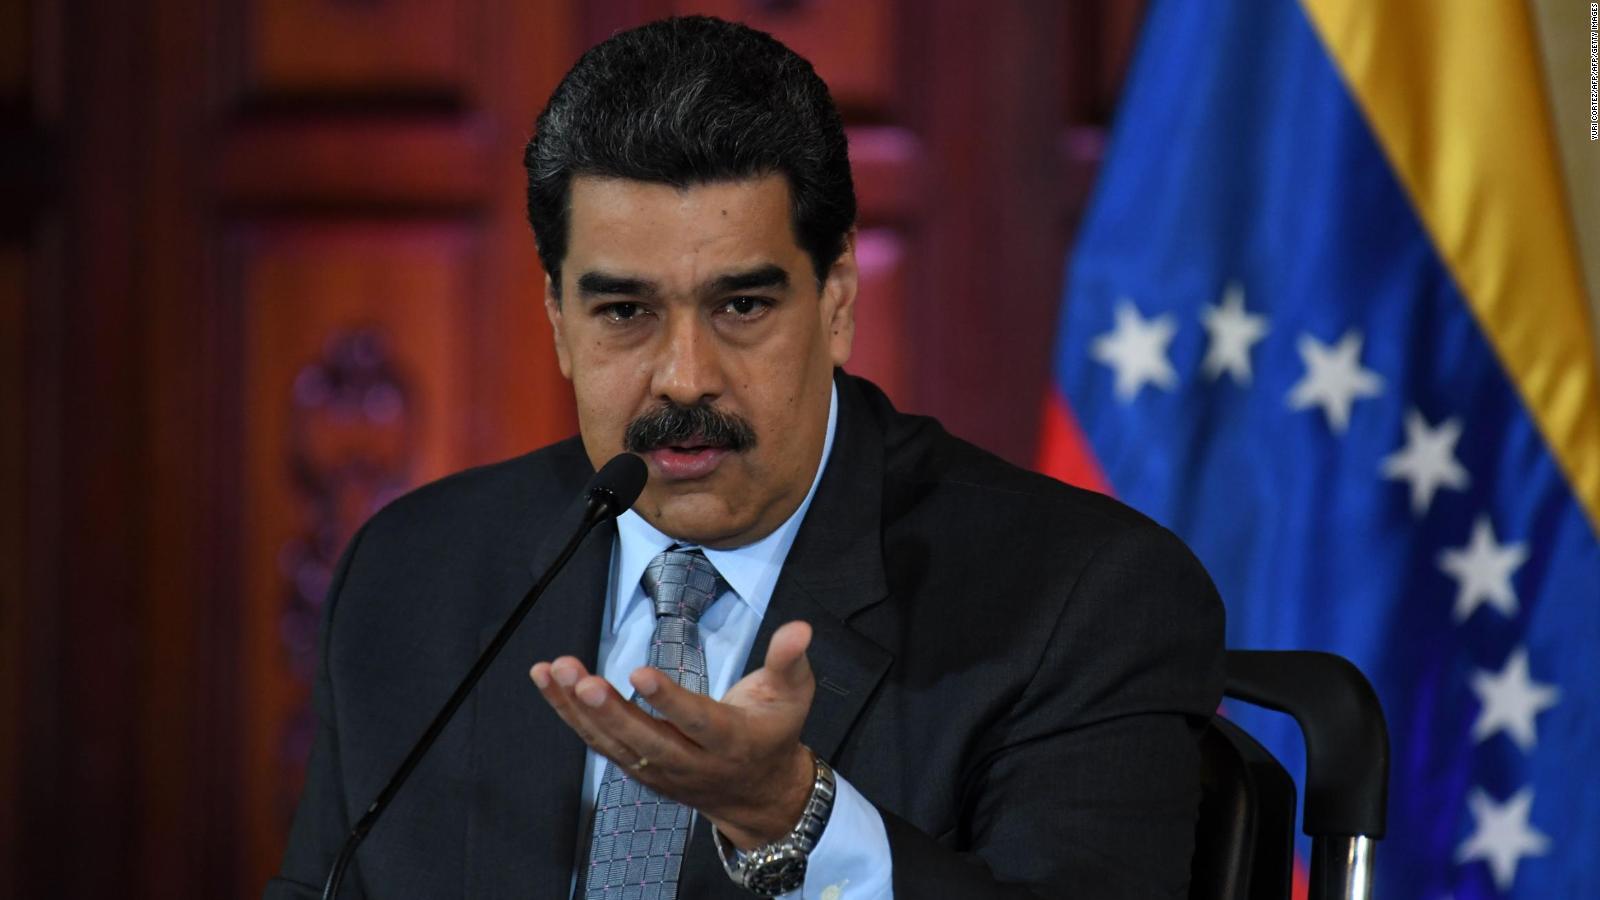 ¿Maduro busca censar o expropiar?